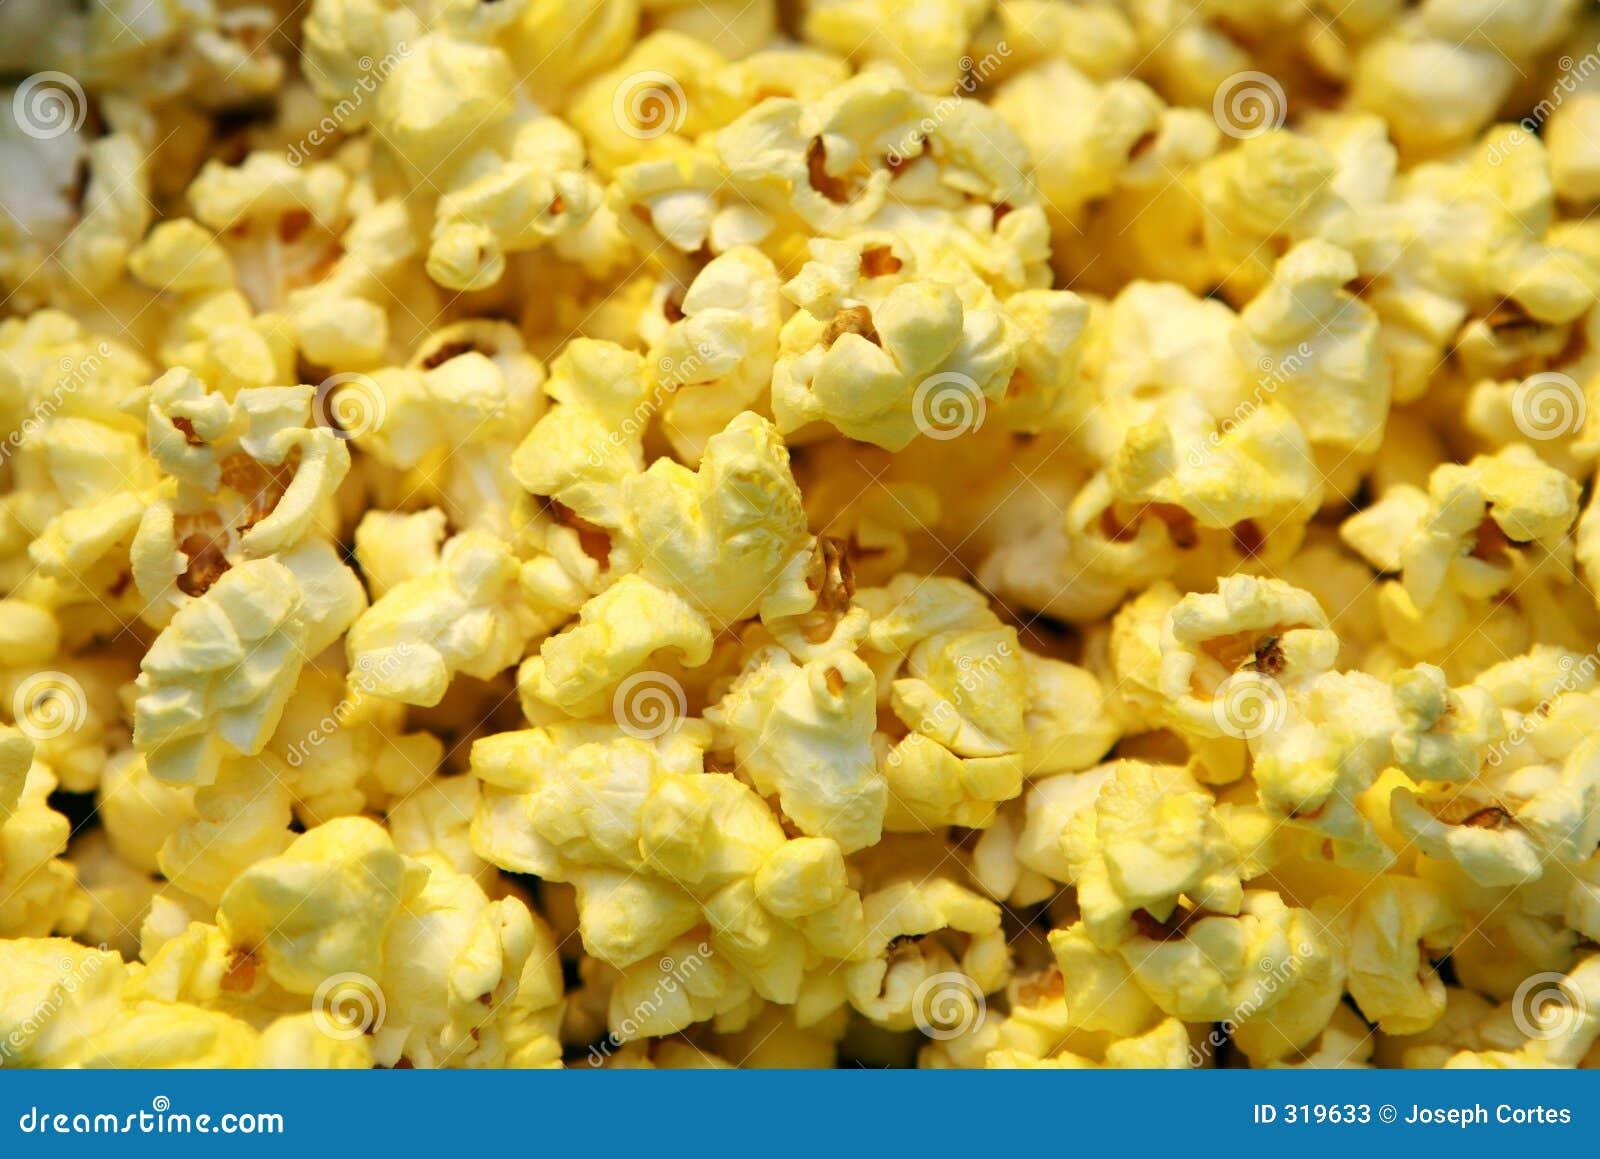 De bruit de maïs fin vers le haut